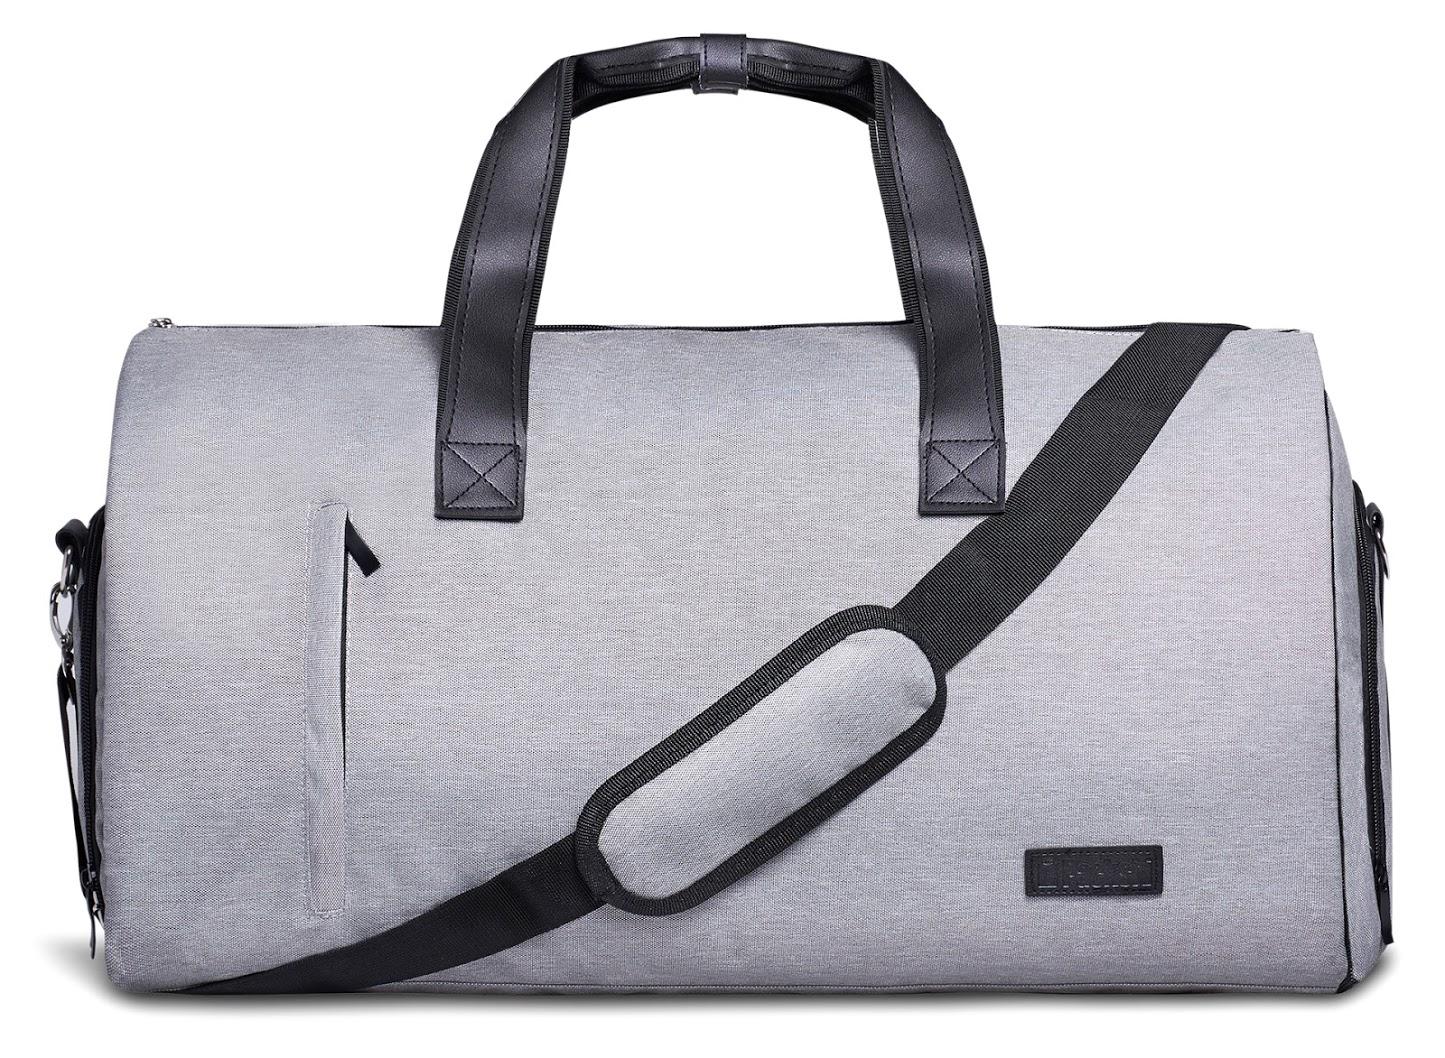 087f09ad1763d Packshi podróżny pokrowiec na koszule - praktyczny dla każdego mężczyzny (1)